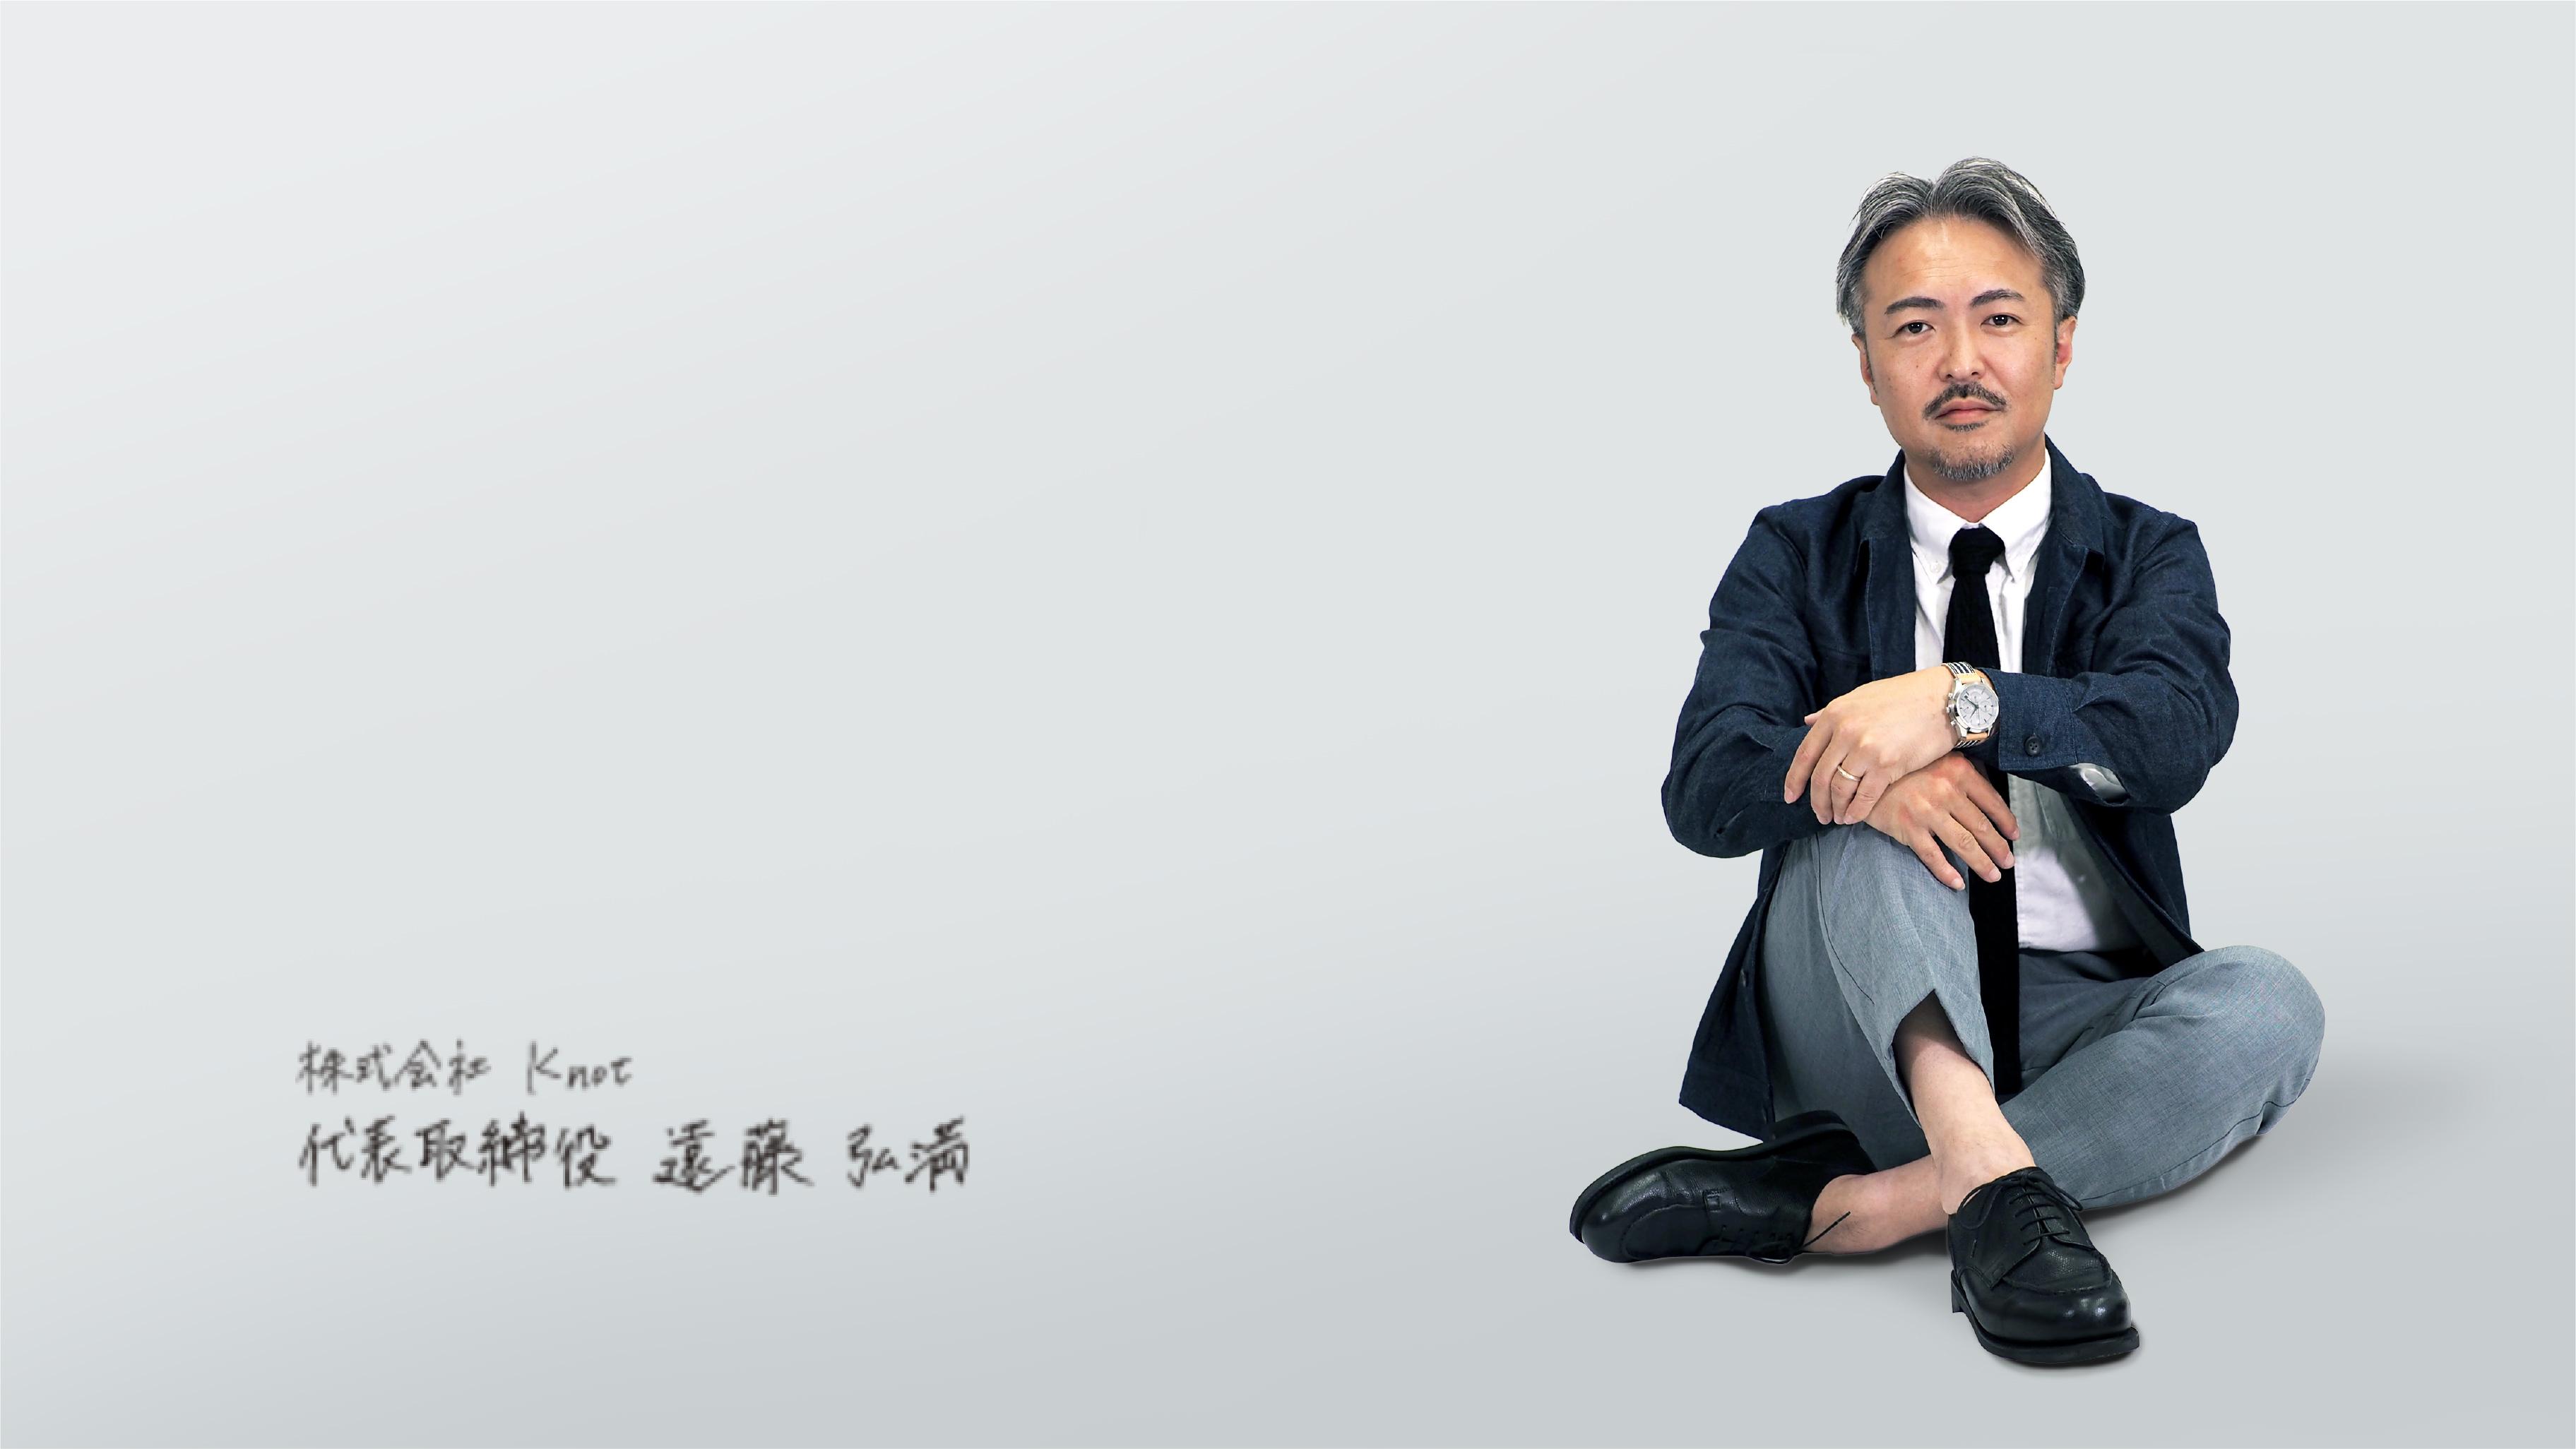 株式会社Knot 代表取締役 遠藤 弘満の画像